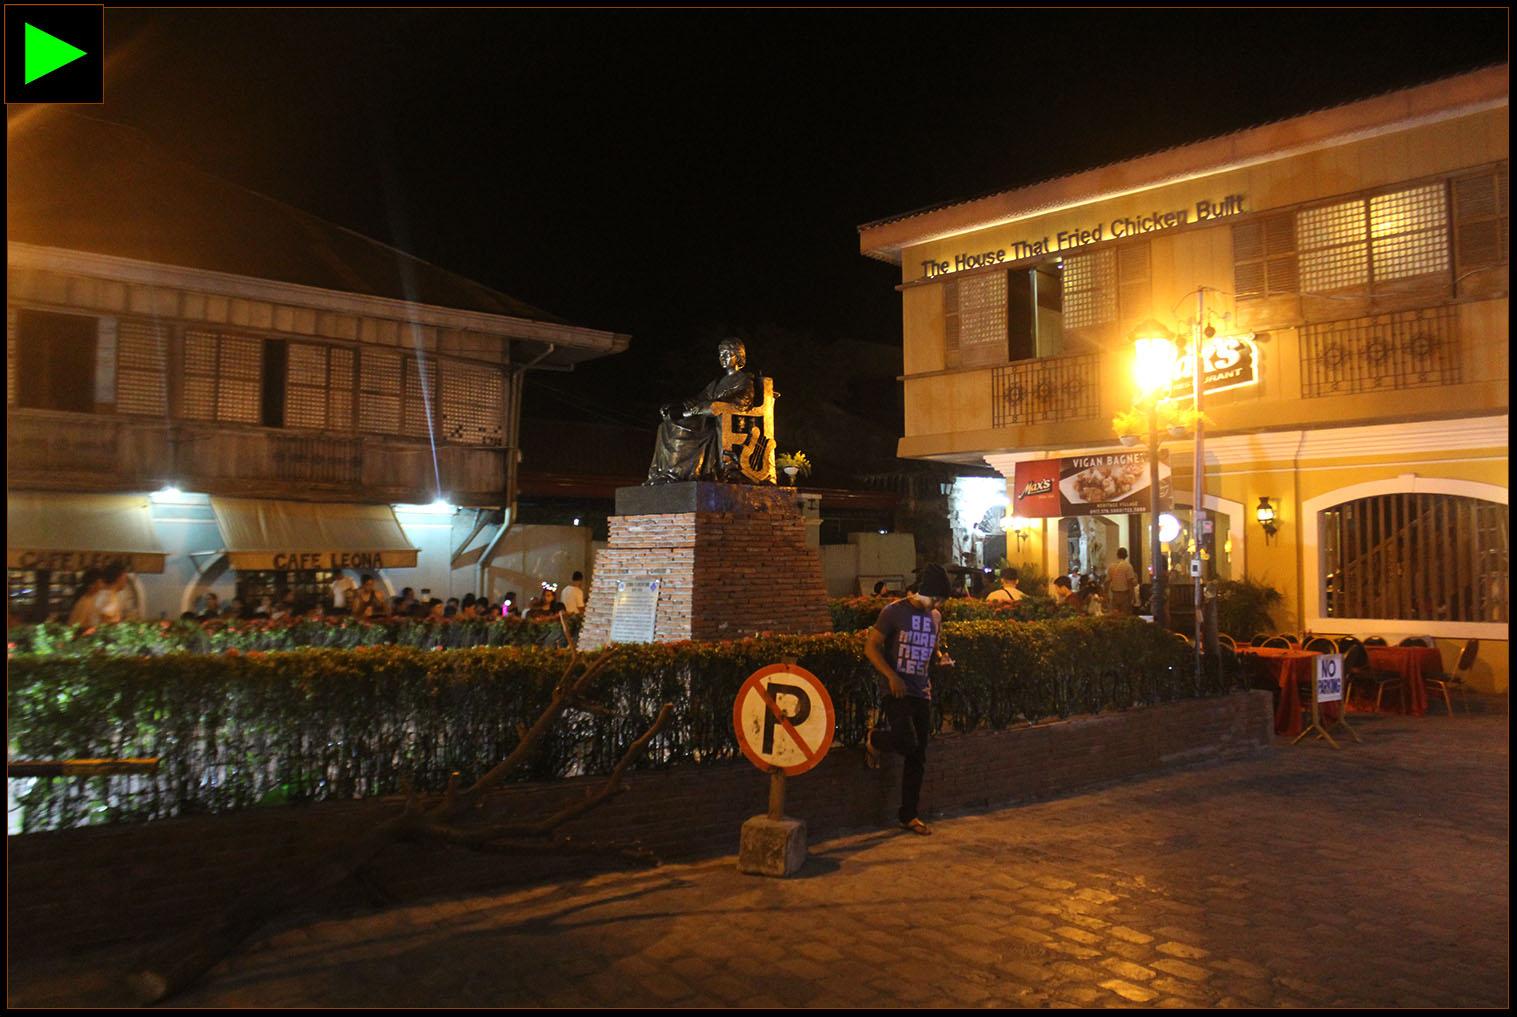 PLARIDEL STREET